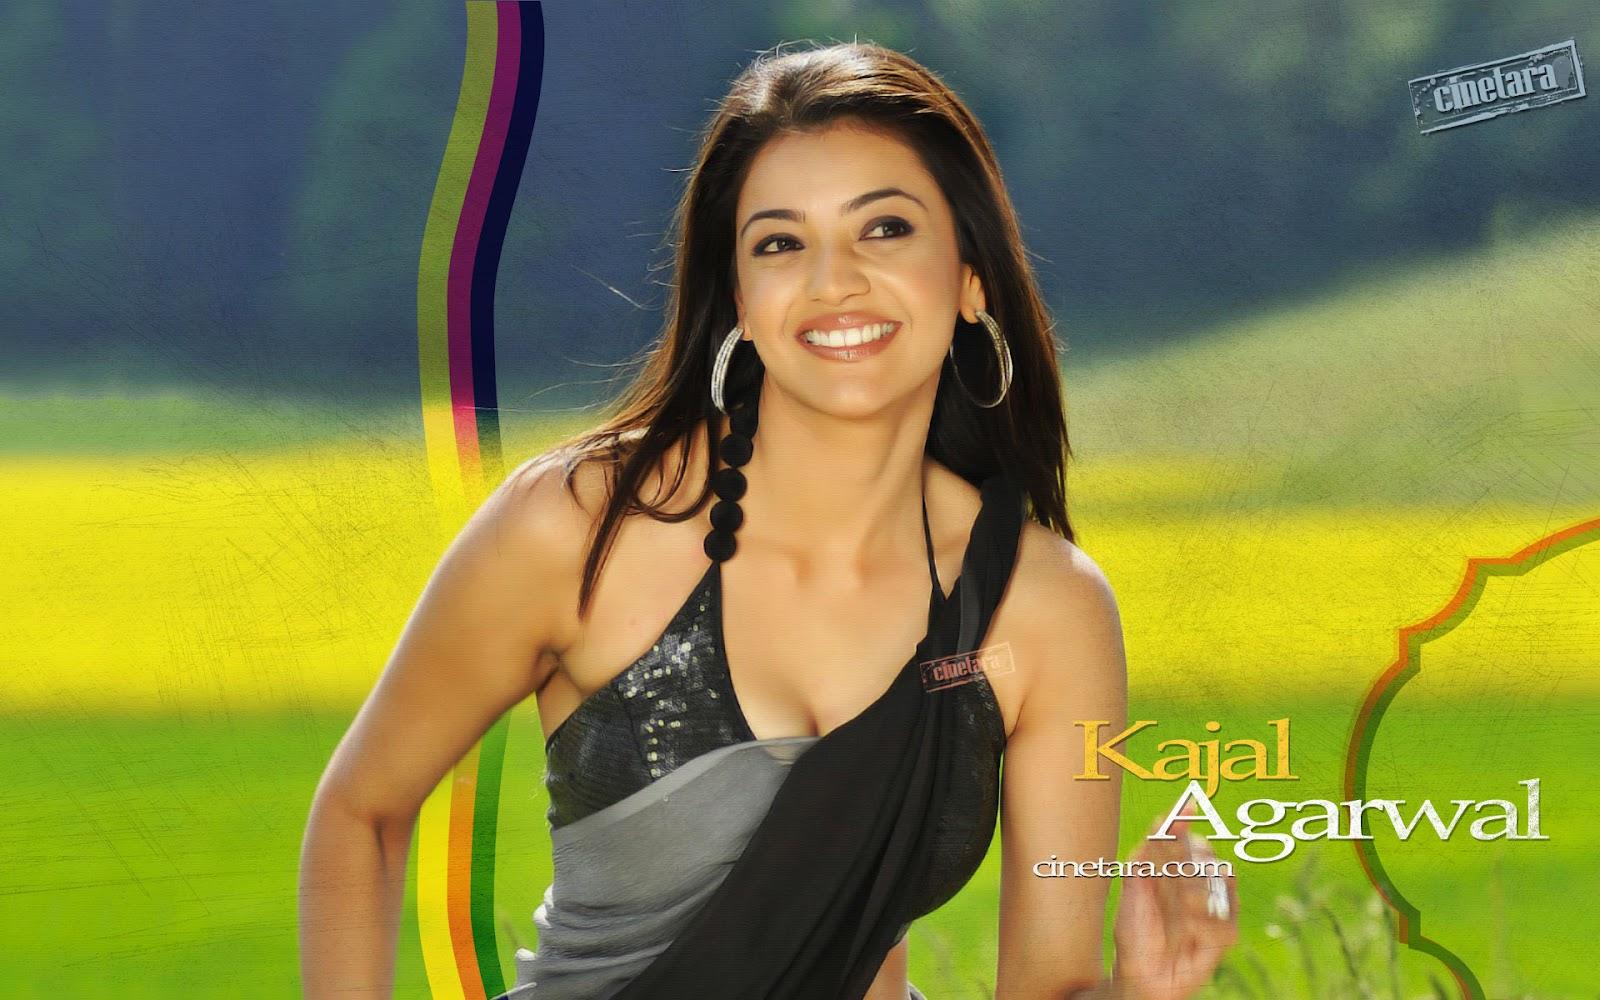 Kajal Agarwal Hd Wallpapers: Kajal Agarwal Latest Wallpapers 2012, Kajal Agarwal HD